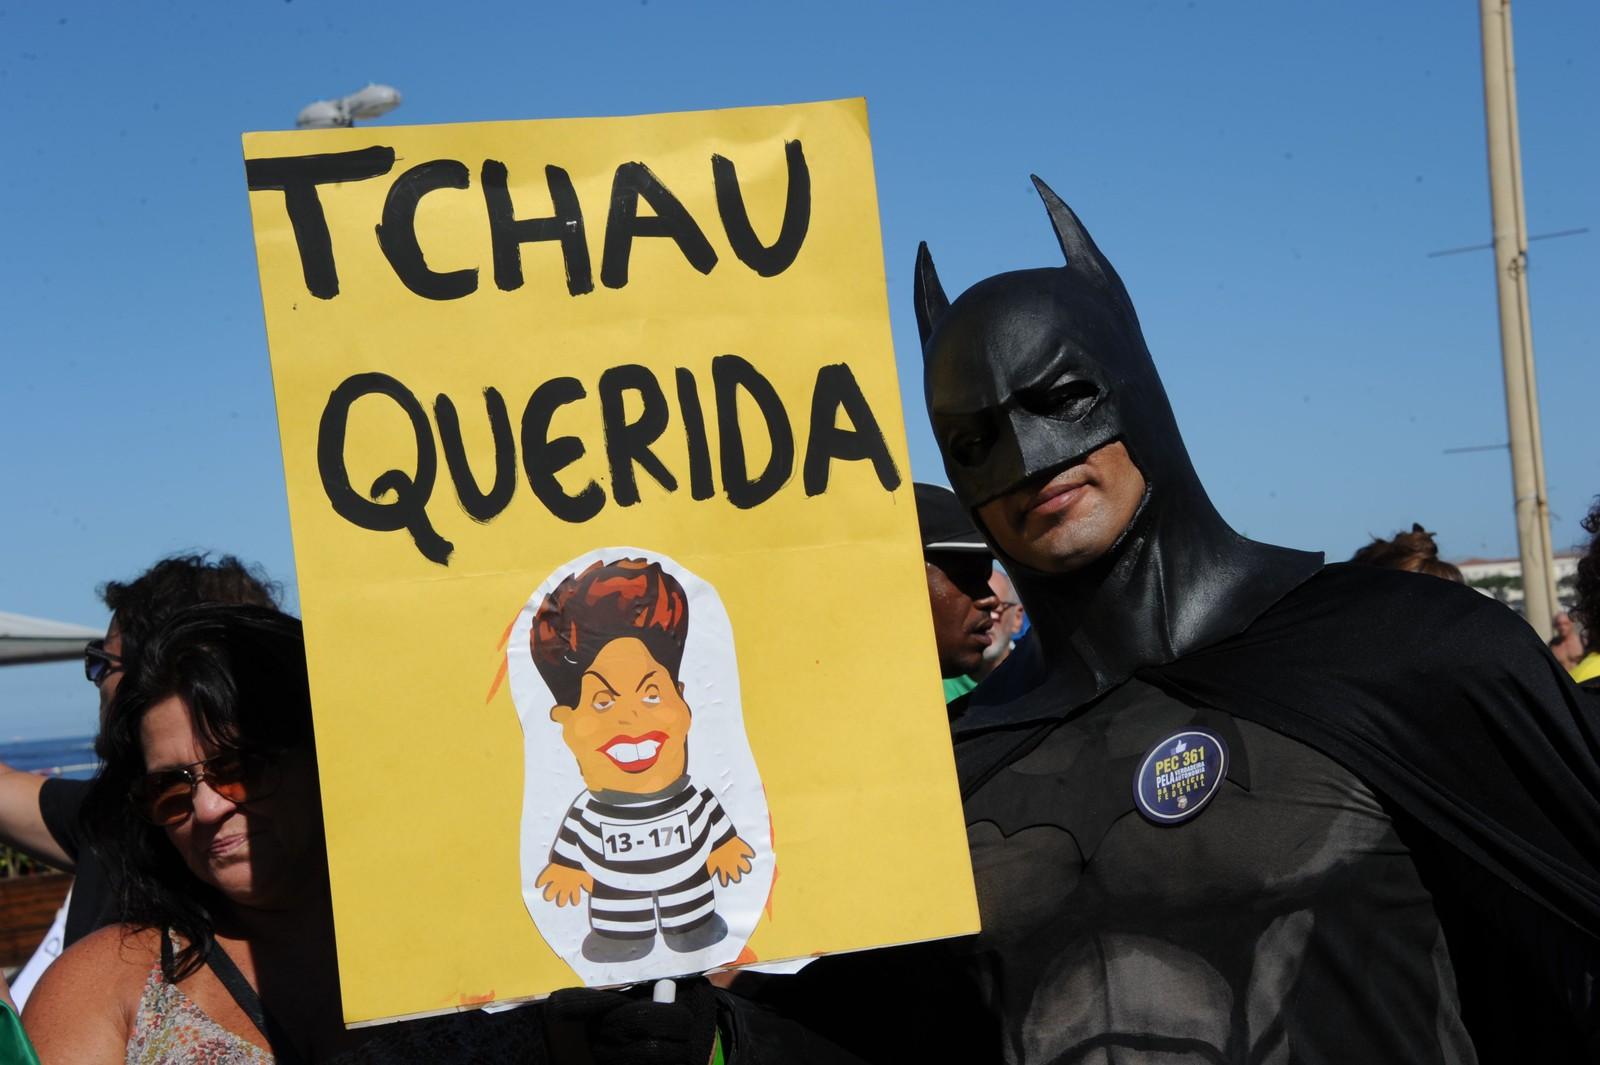 Ha det bra, kjære! Utkledd som Batman levner skiltet med en tegning av Brasils Dilma Rousseff liten tvil om hva mannen mener om landets president. Brasils nasjonalforsamling stemte for å stille henne for riksrett etter 40 timers oppheta debatt.